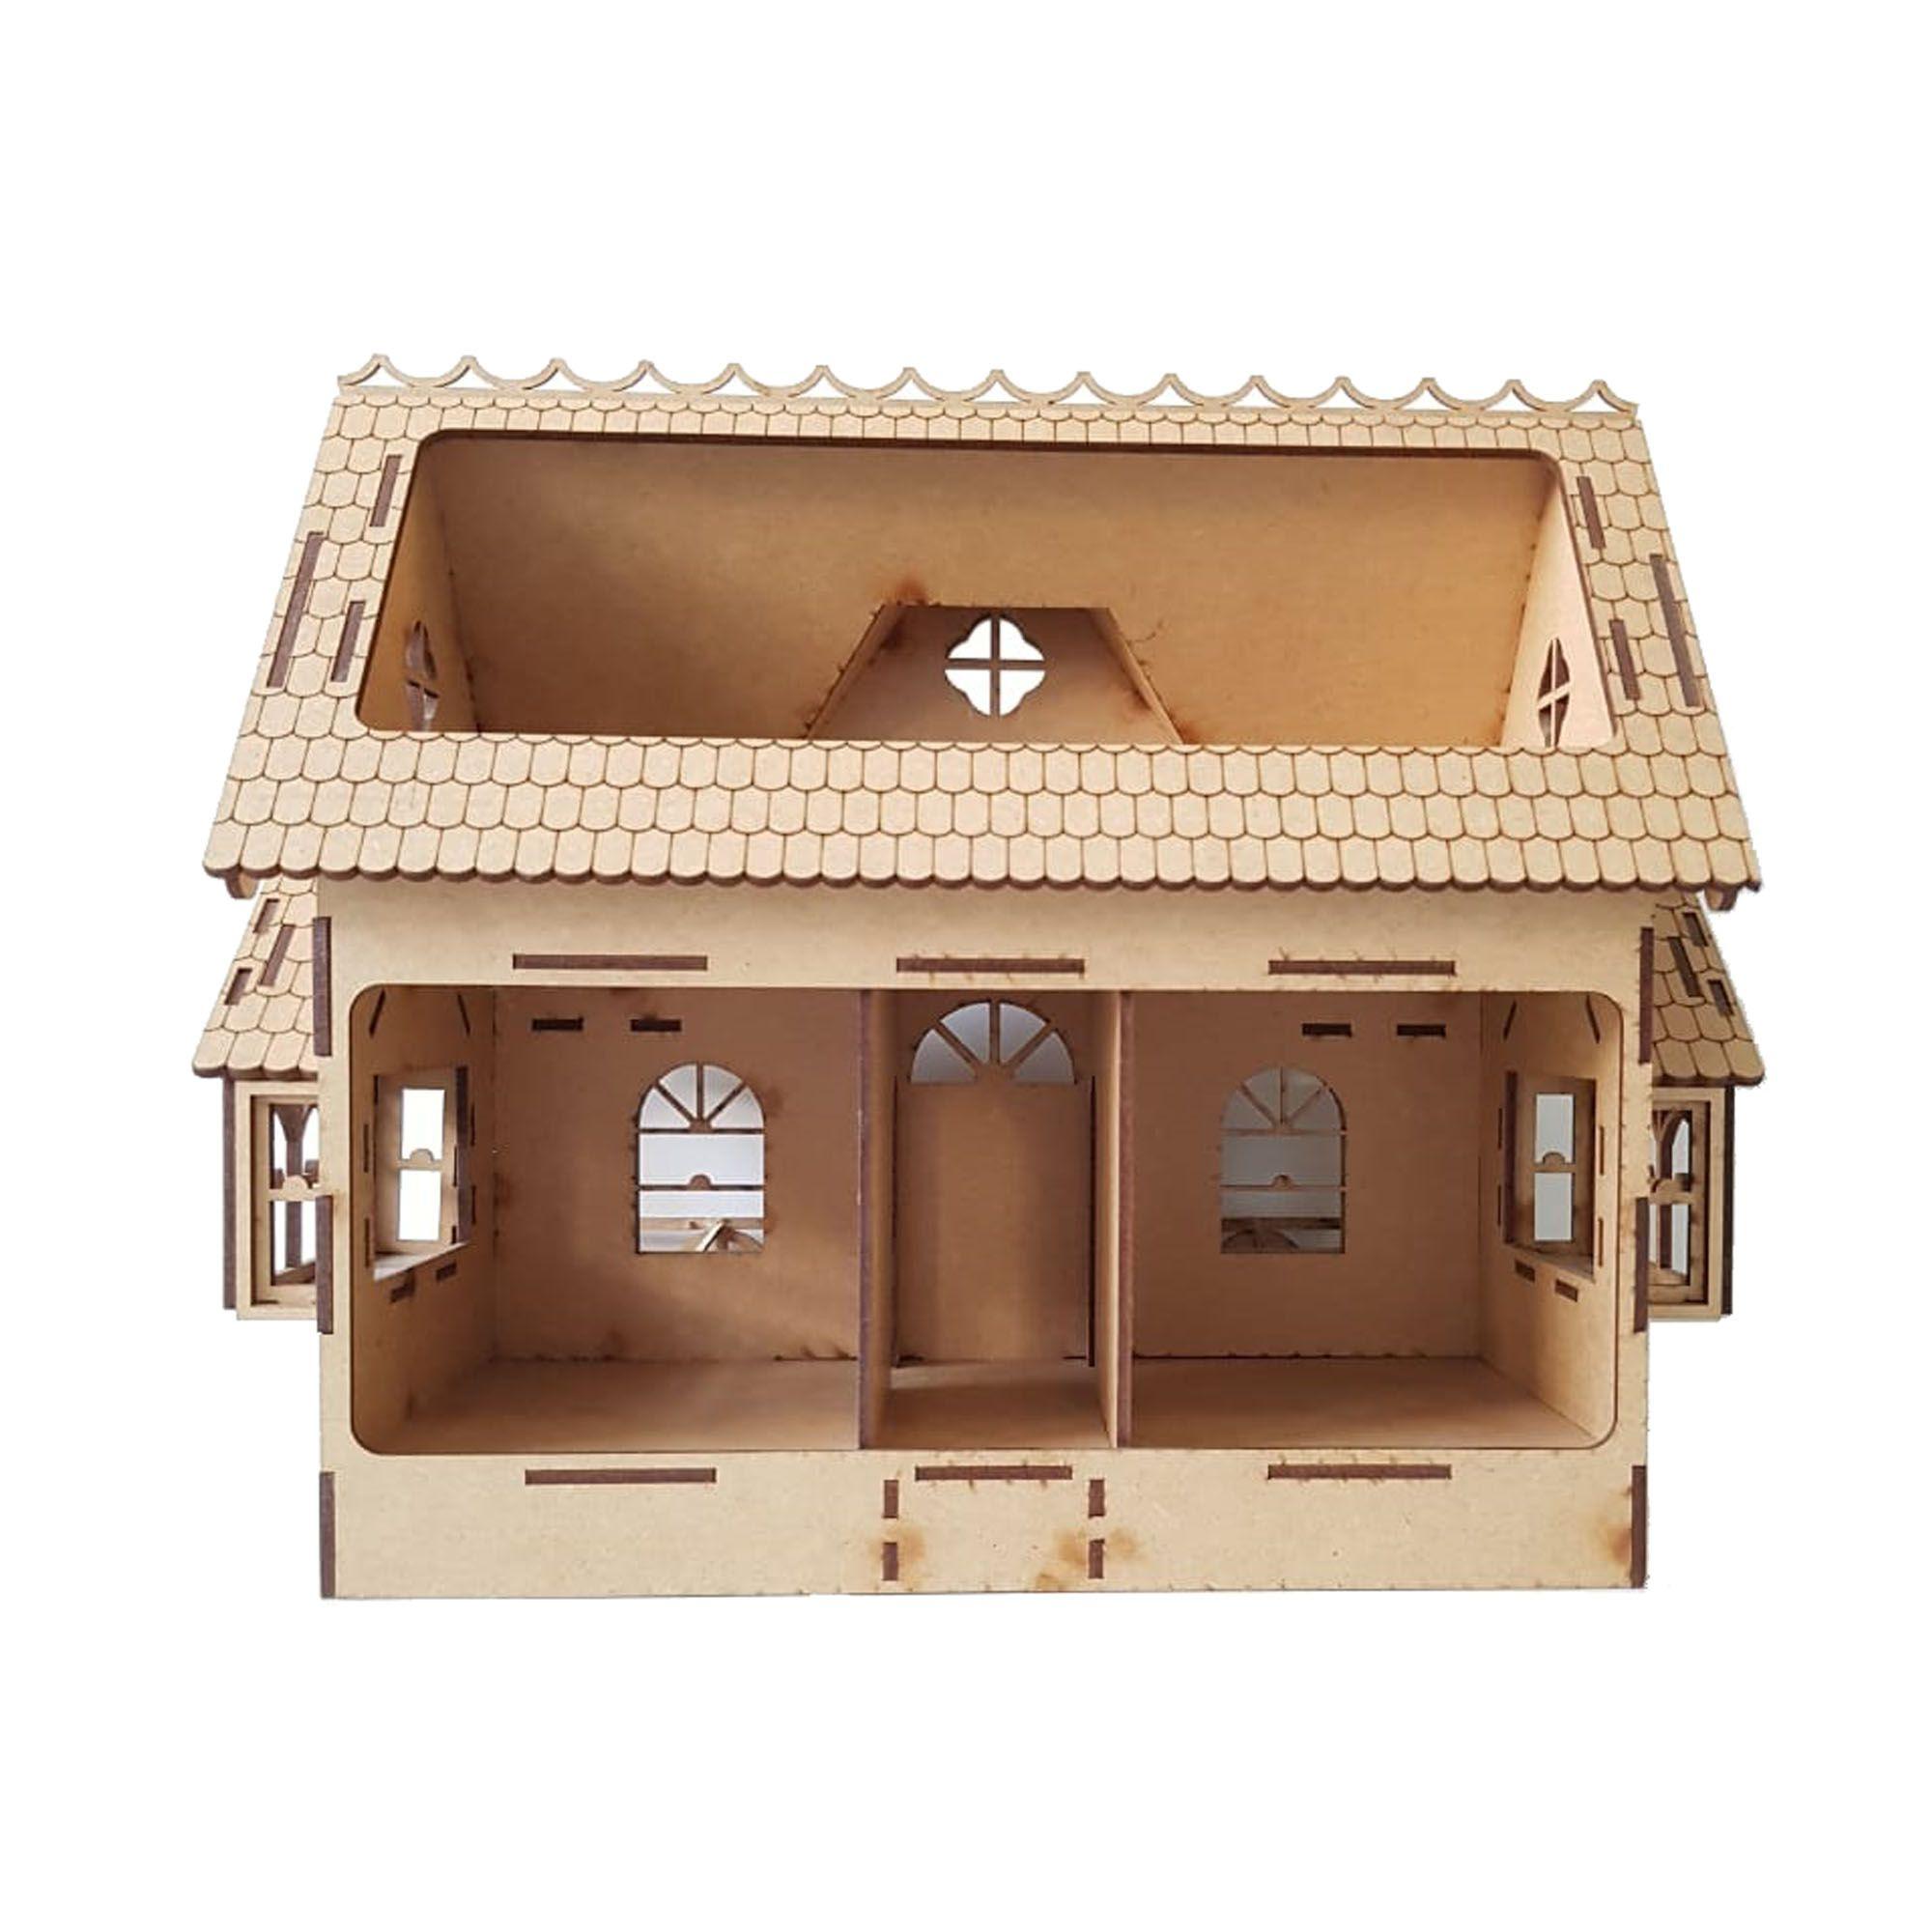 Casa de Bonecas Modelo C8 para Polly, Barbie Pocket e tamanhos Similares